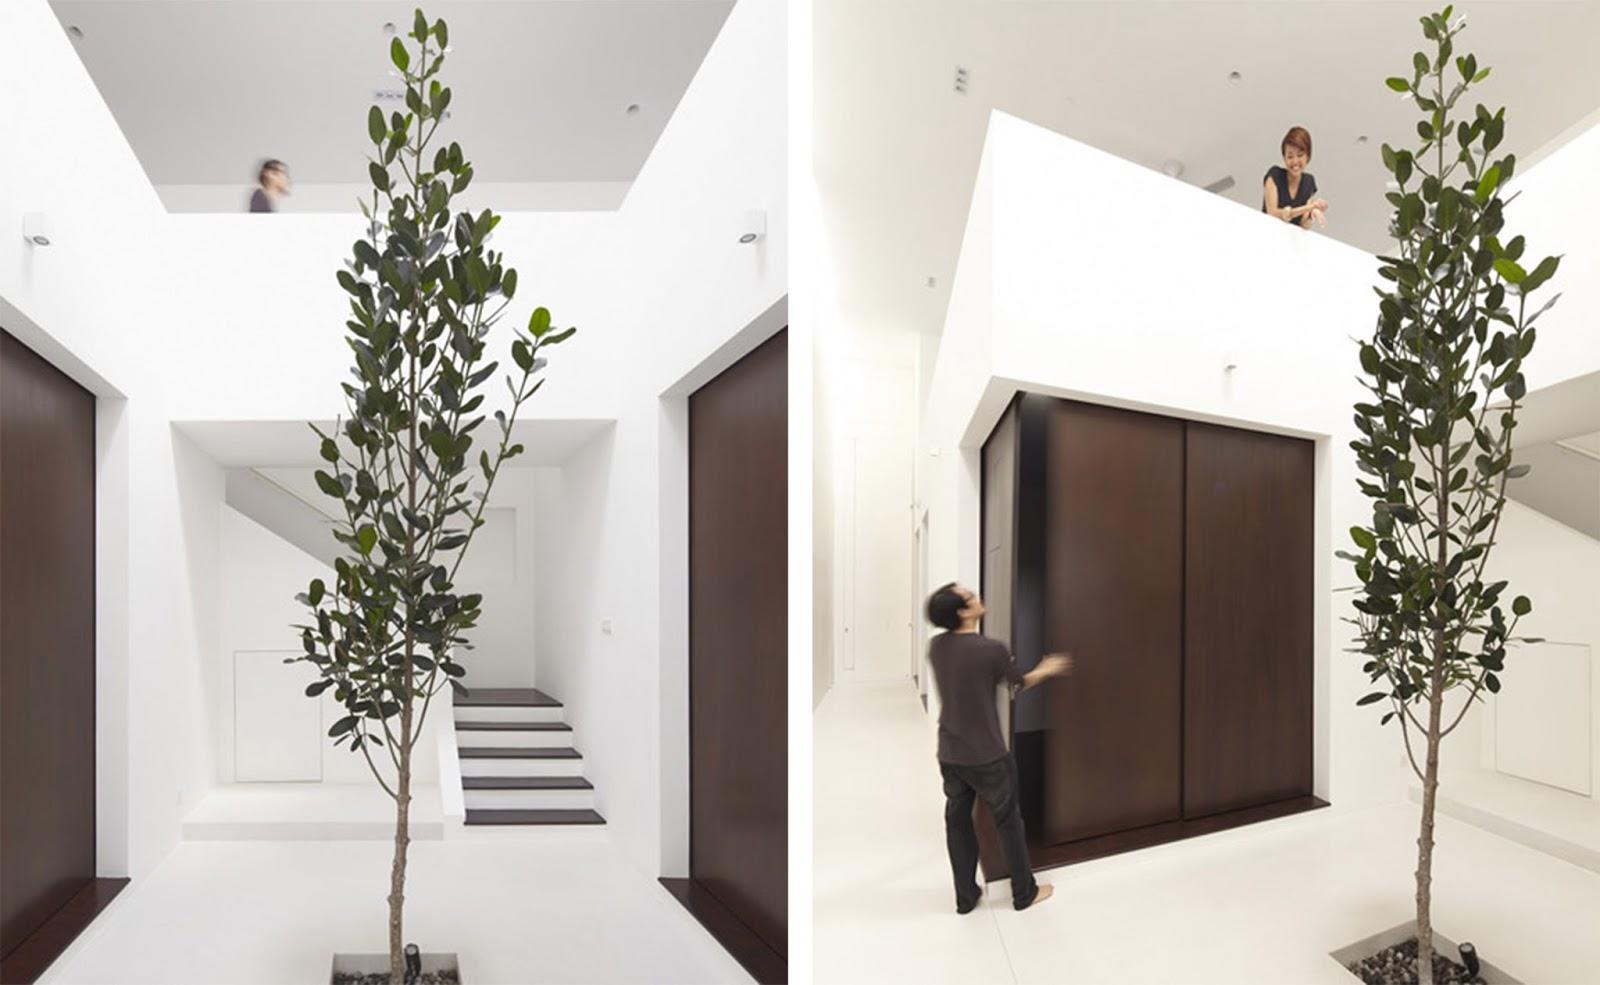 Casa con pannelli scorrevoli e giardini interni a kuala - Giardino interno casa ...